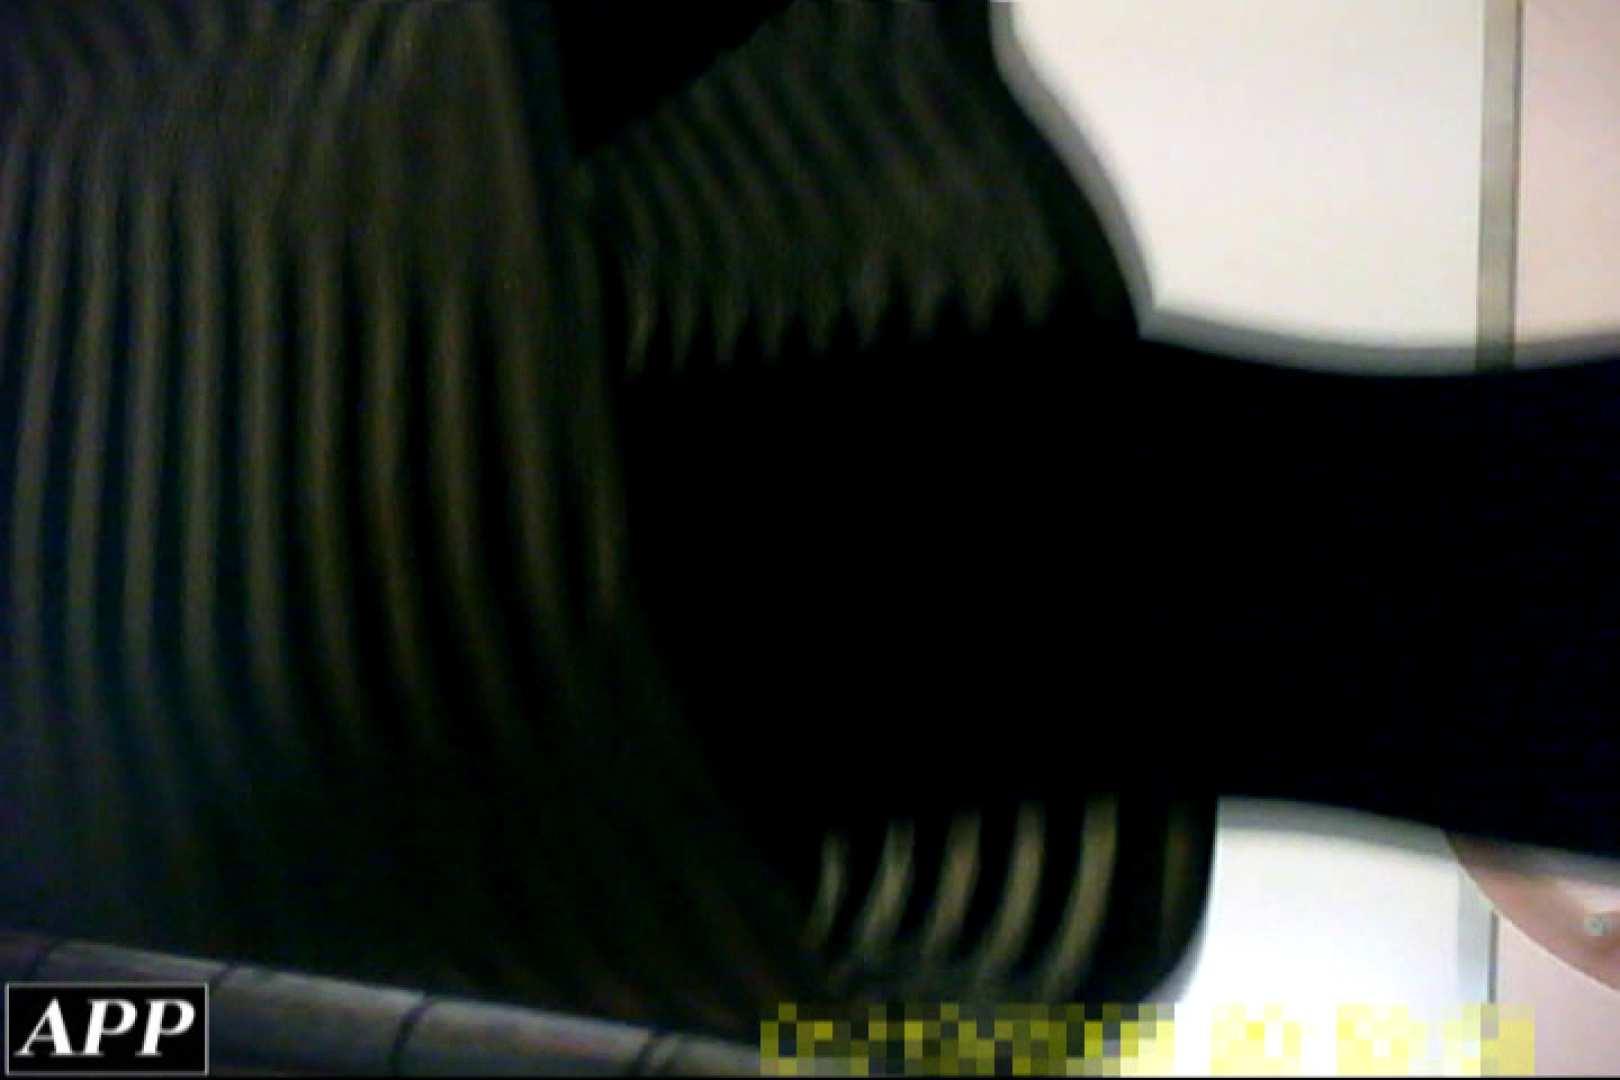 3視点洗面所 vol.142 マンコ・ムレムレ のぞき動画画像 87pic 3